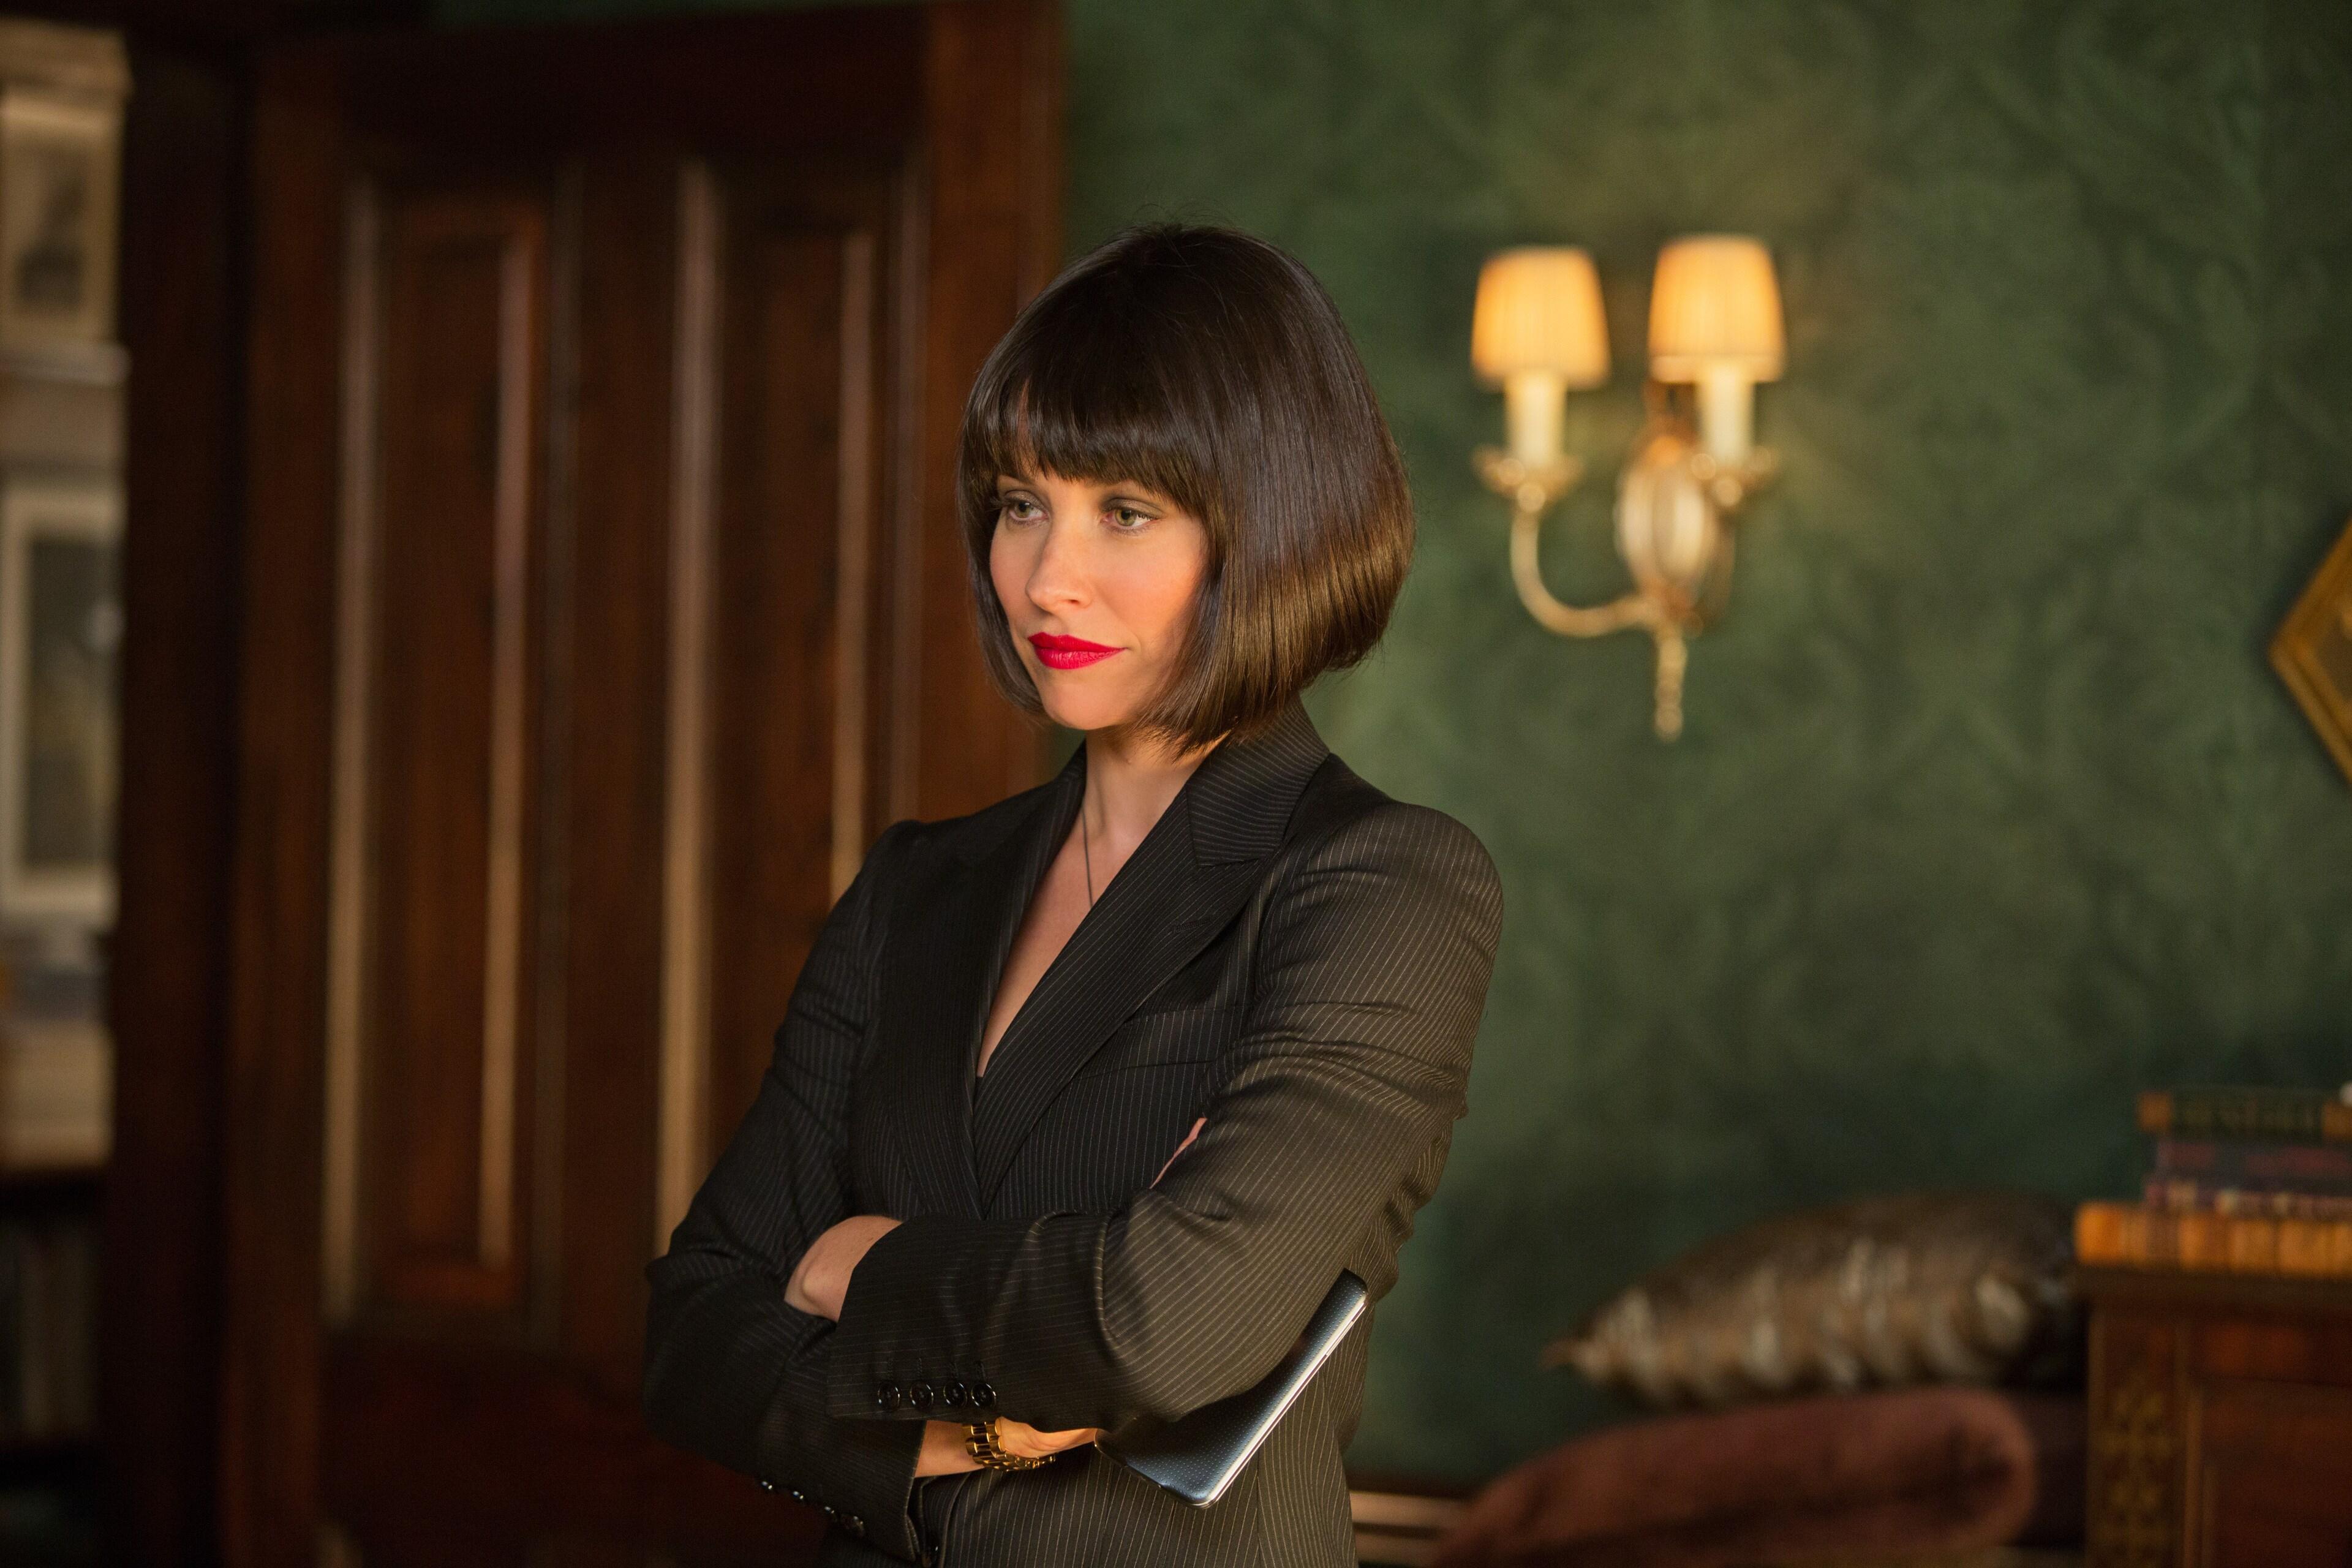 """Evangeline Lilly as Hope van Dyne in the movie """"Ant-Man"""""""